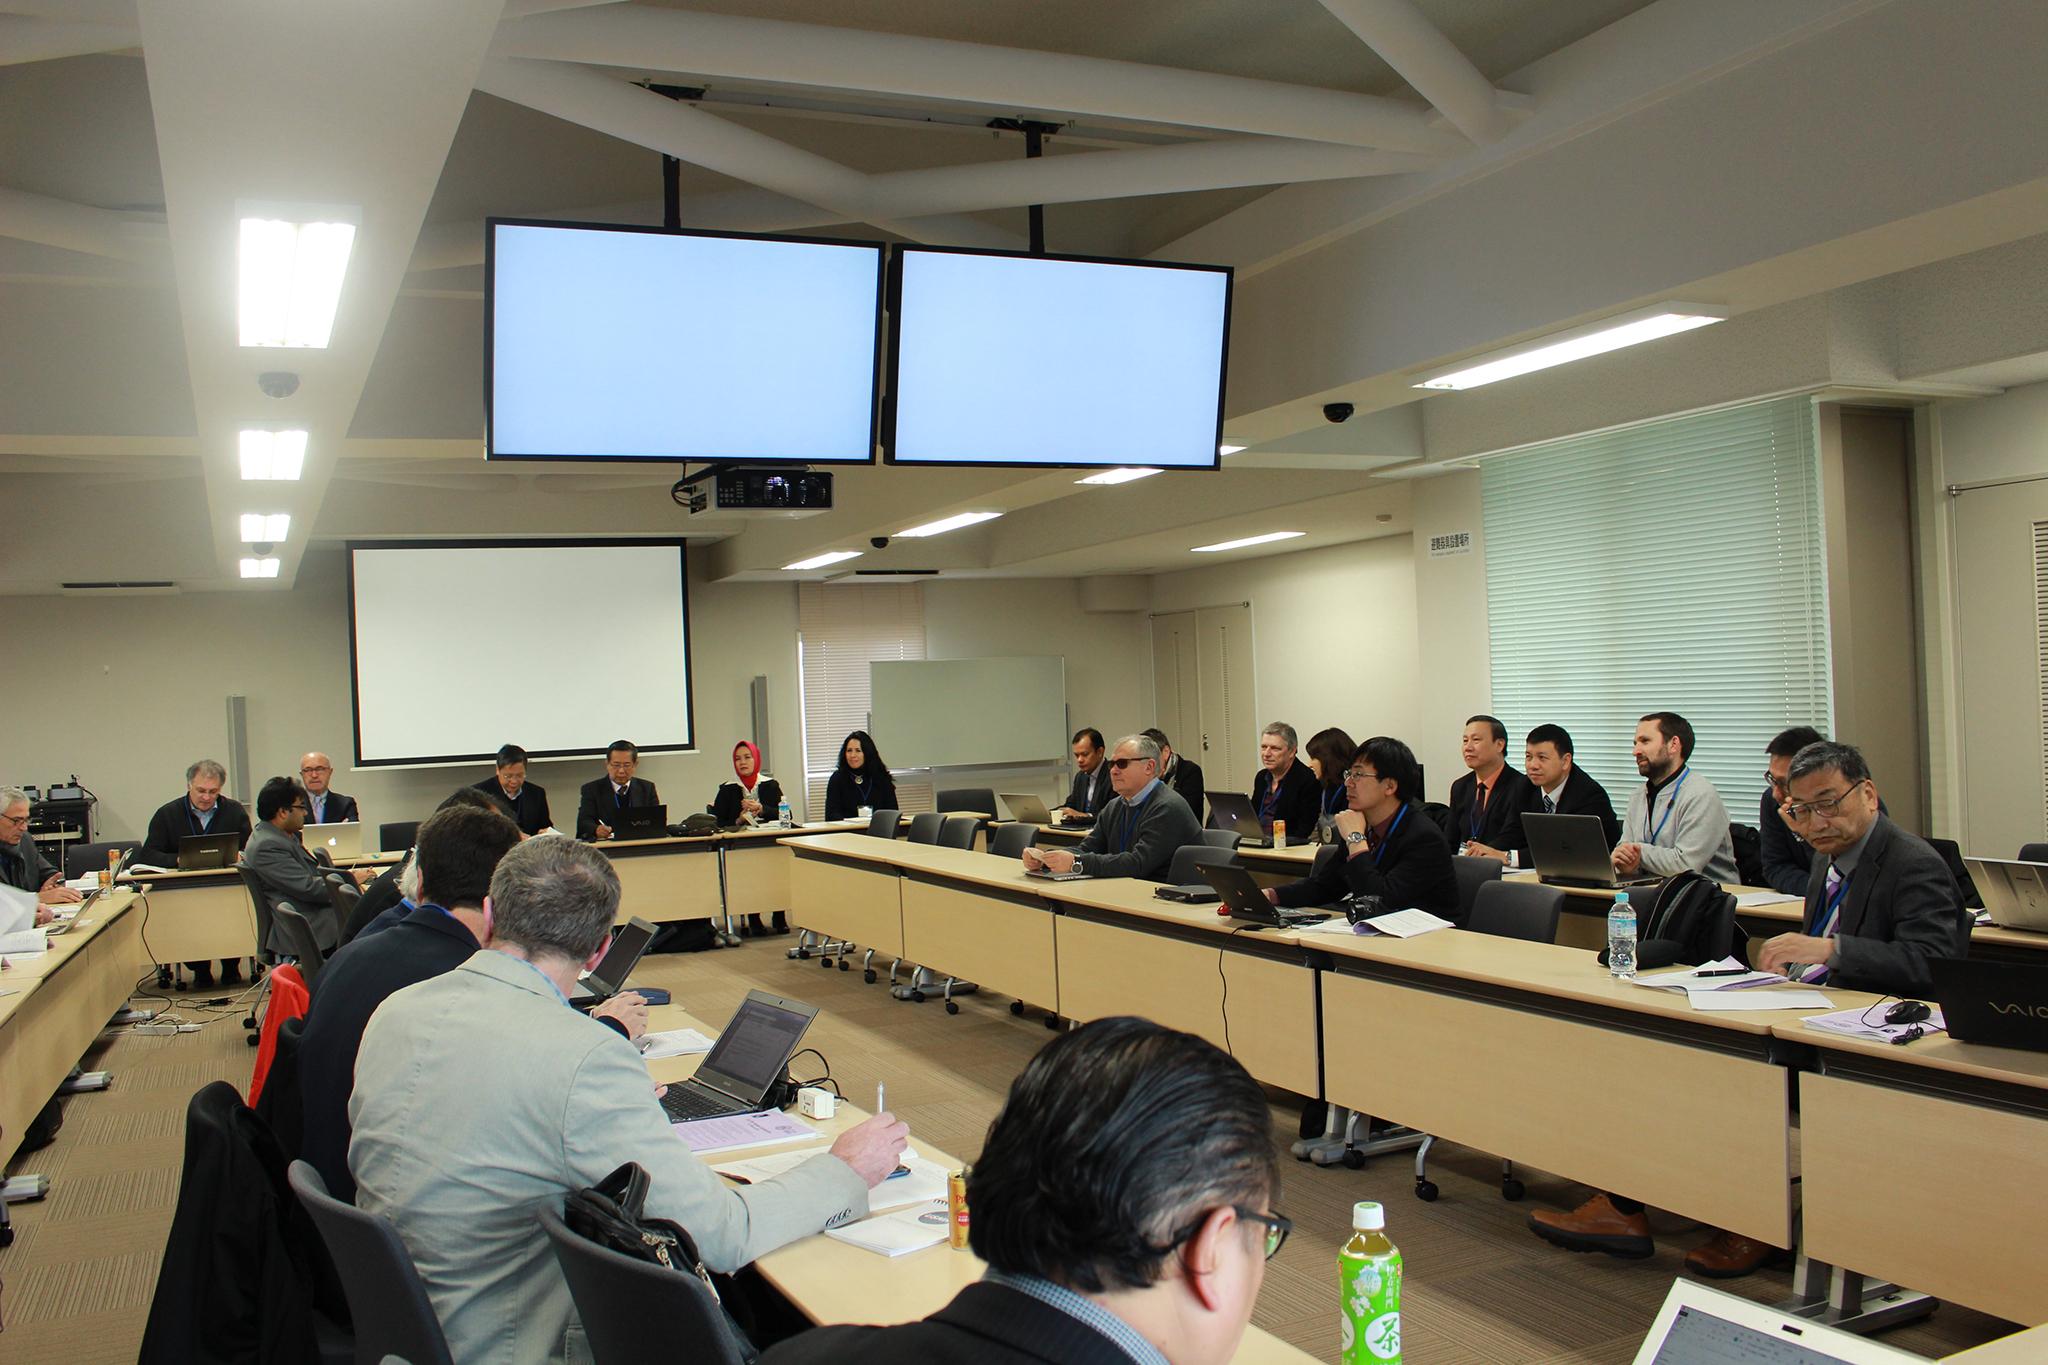 Anh minh hoa Tham dự Hội nghị Kyoto, họp Ban điều hành Hội trượt đất quốc tế (ICL) lần thứ 15  và họp Ủy ban vận động toàn cầu (IPL-GPC) lần thứ 11 tại Nhật Bản